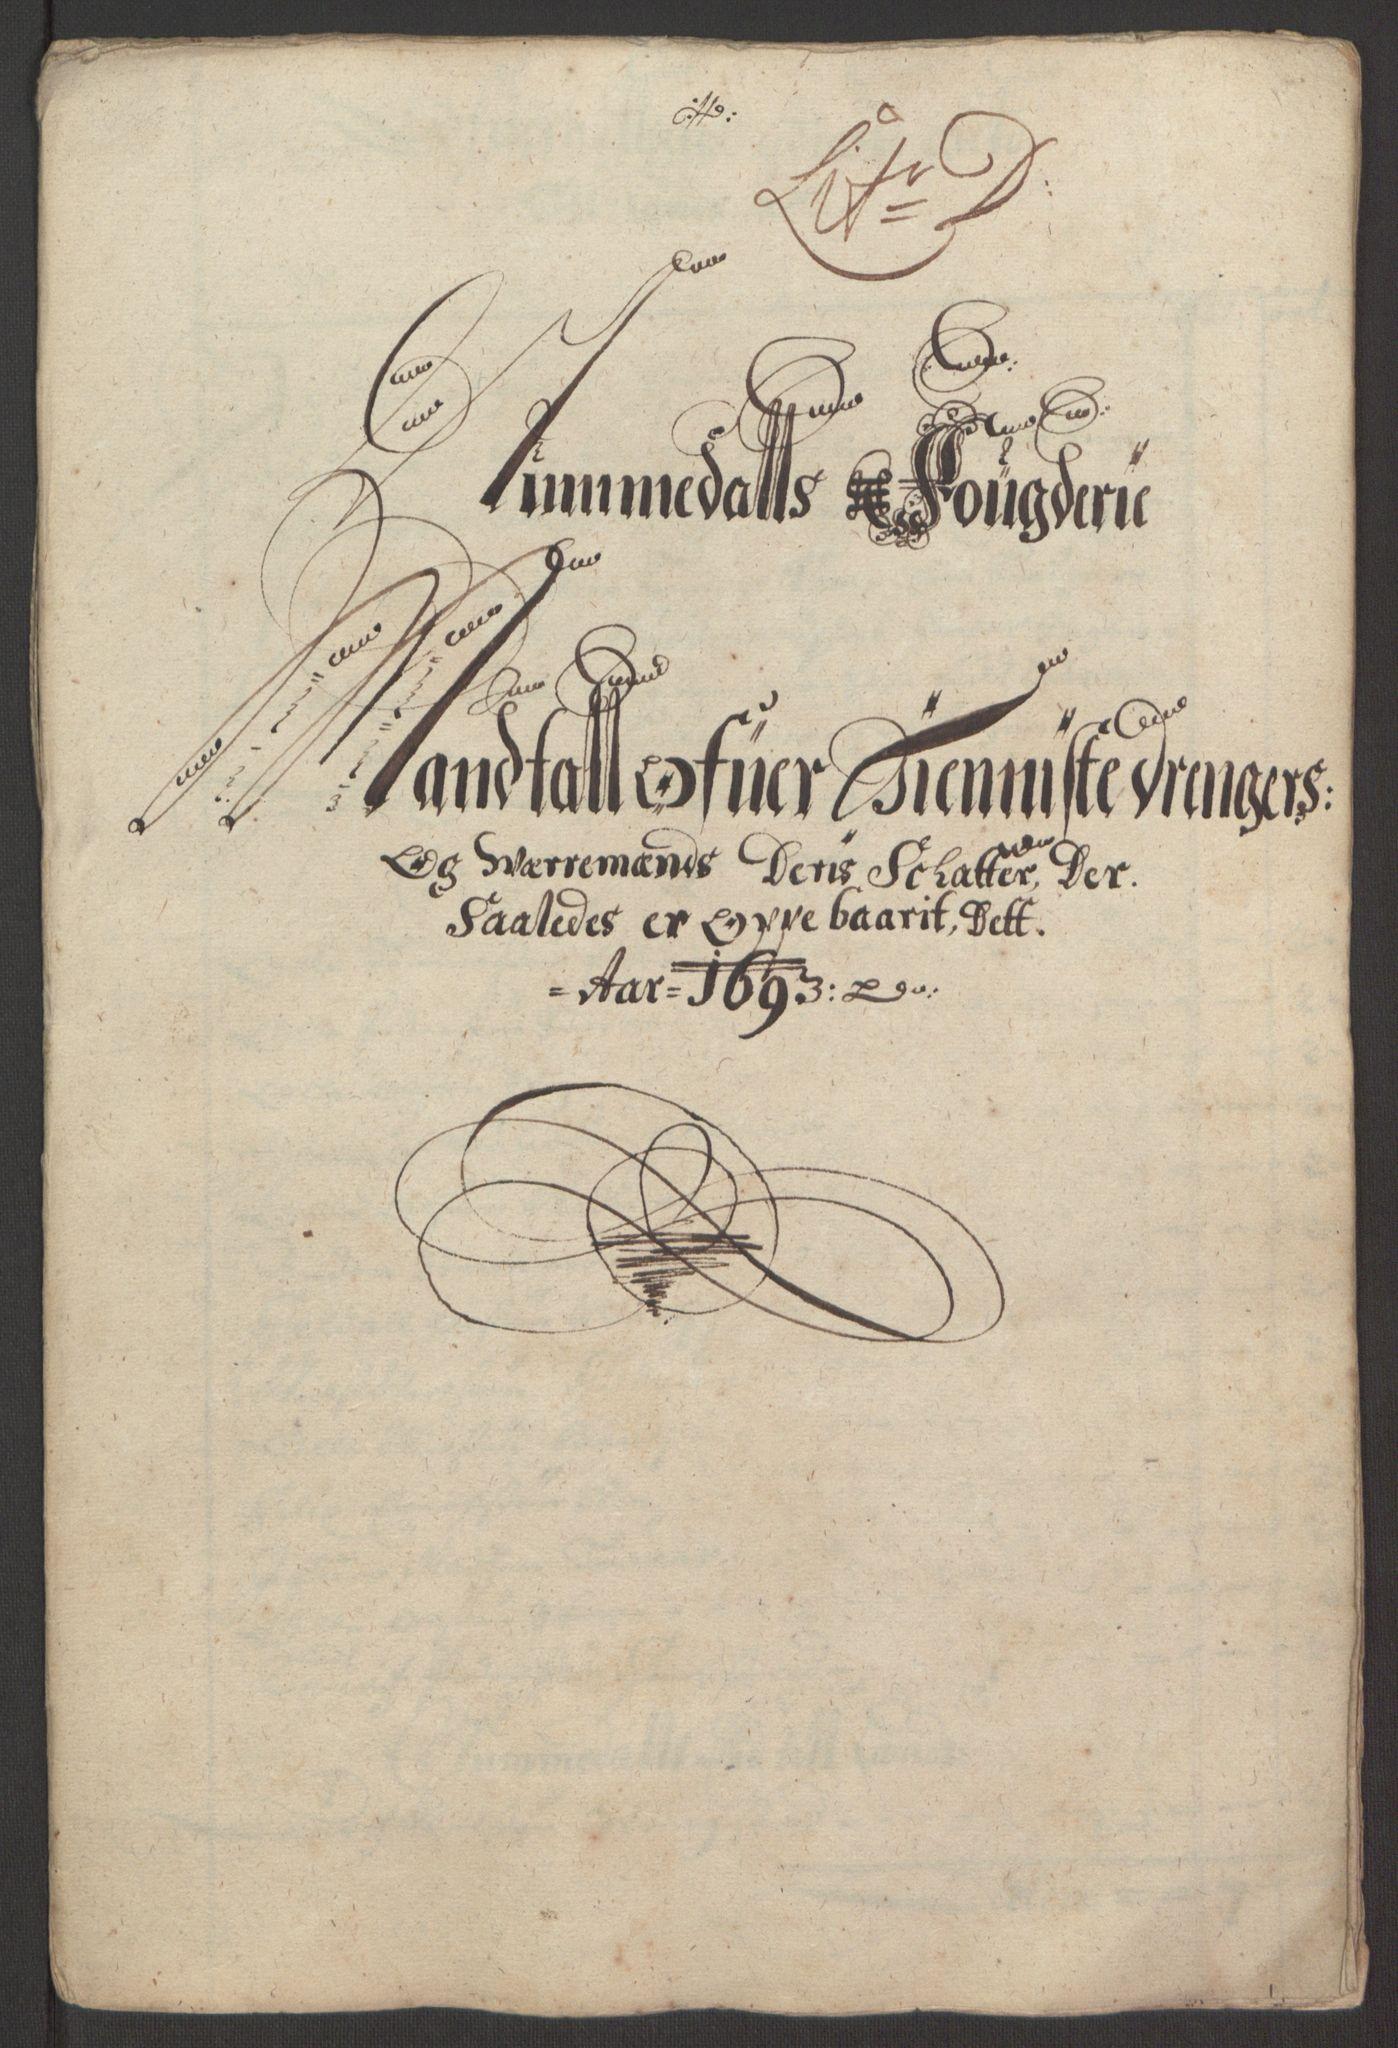 RA, Rentekammeret inntil 1814, Reviderte regnskaper, Fogderegnskap, R64/L4424: Fogderegnskap Namdal, 1692-1695, s. 247